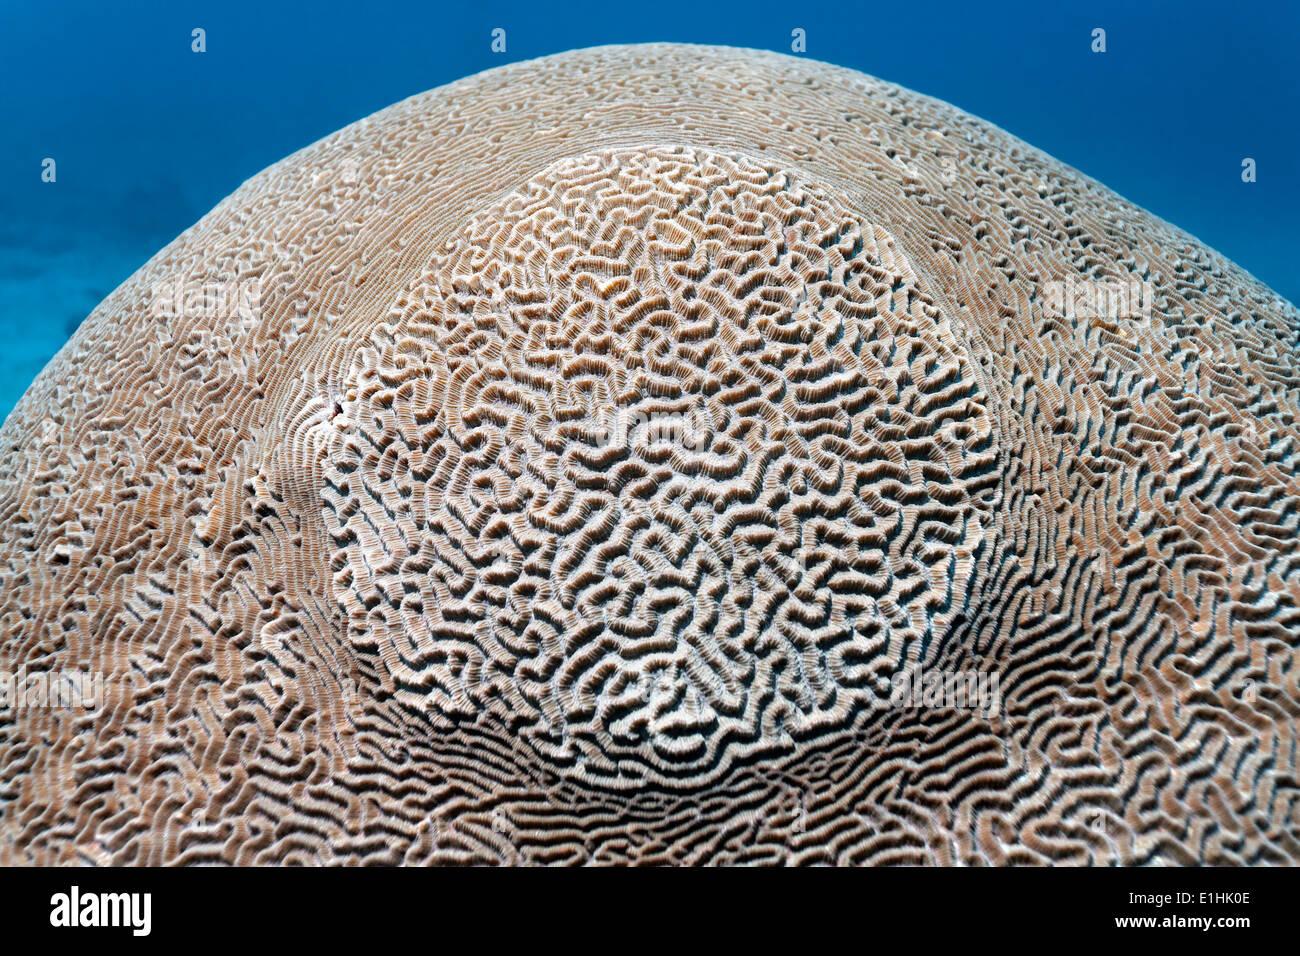 Labirinto di corallo del cervello (Platygyra lamellina), Sabang Beach, Puerto Galera, Mindoro Island, Filippine Immagini Stock